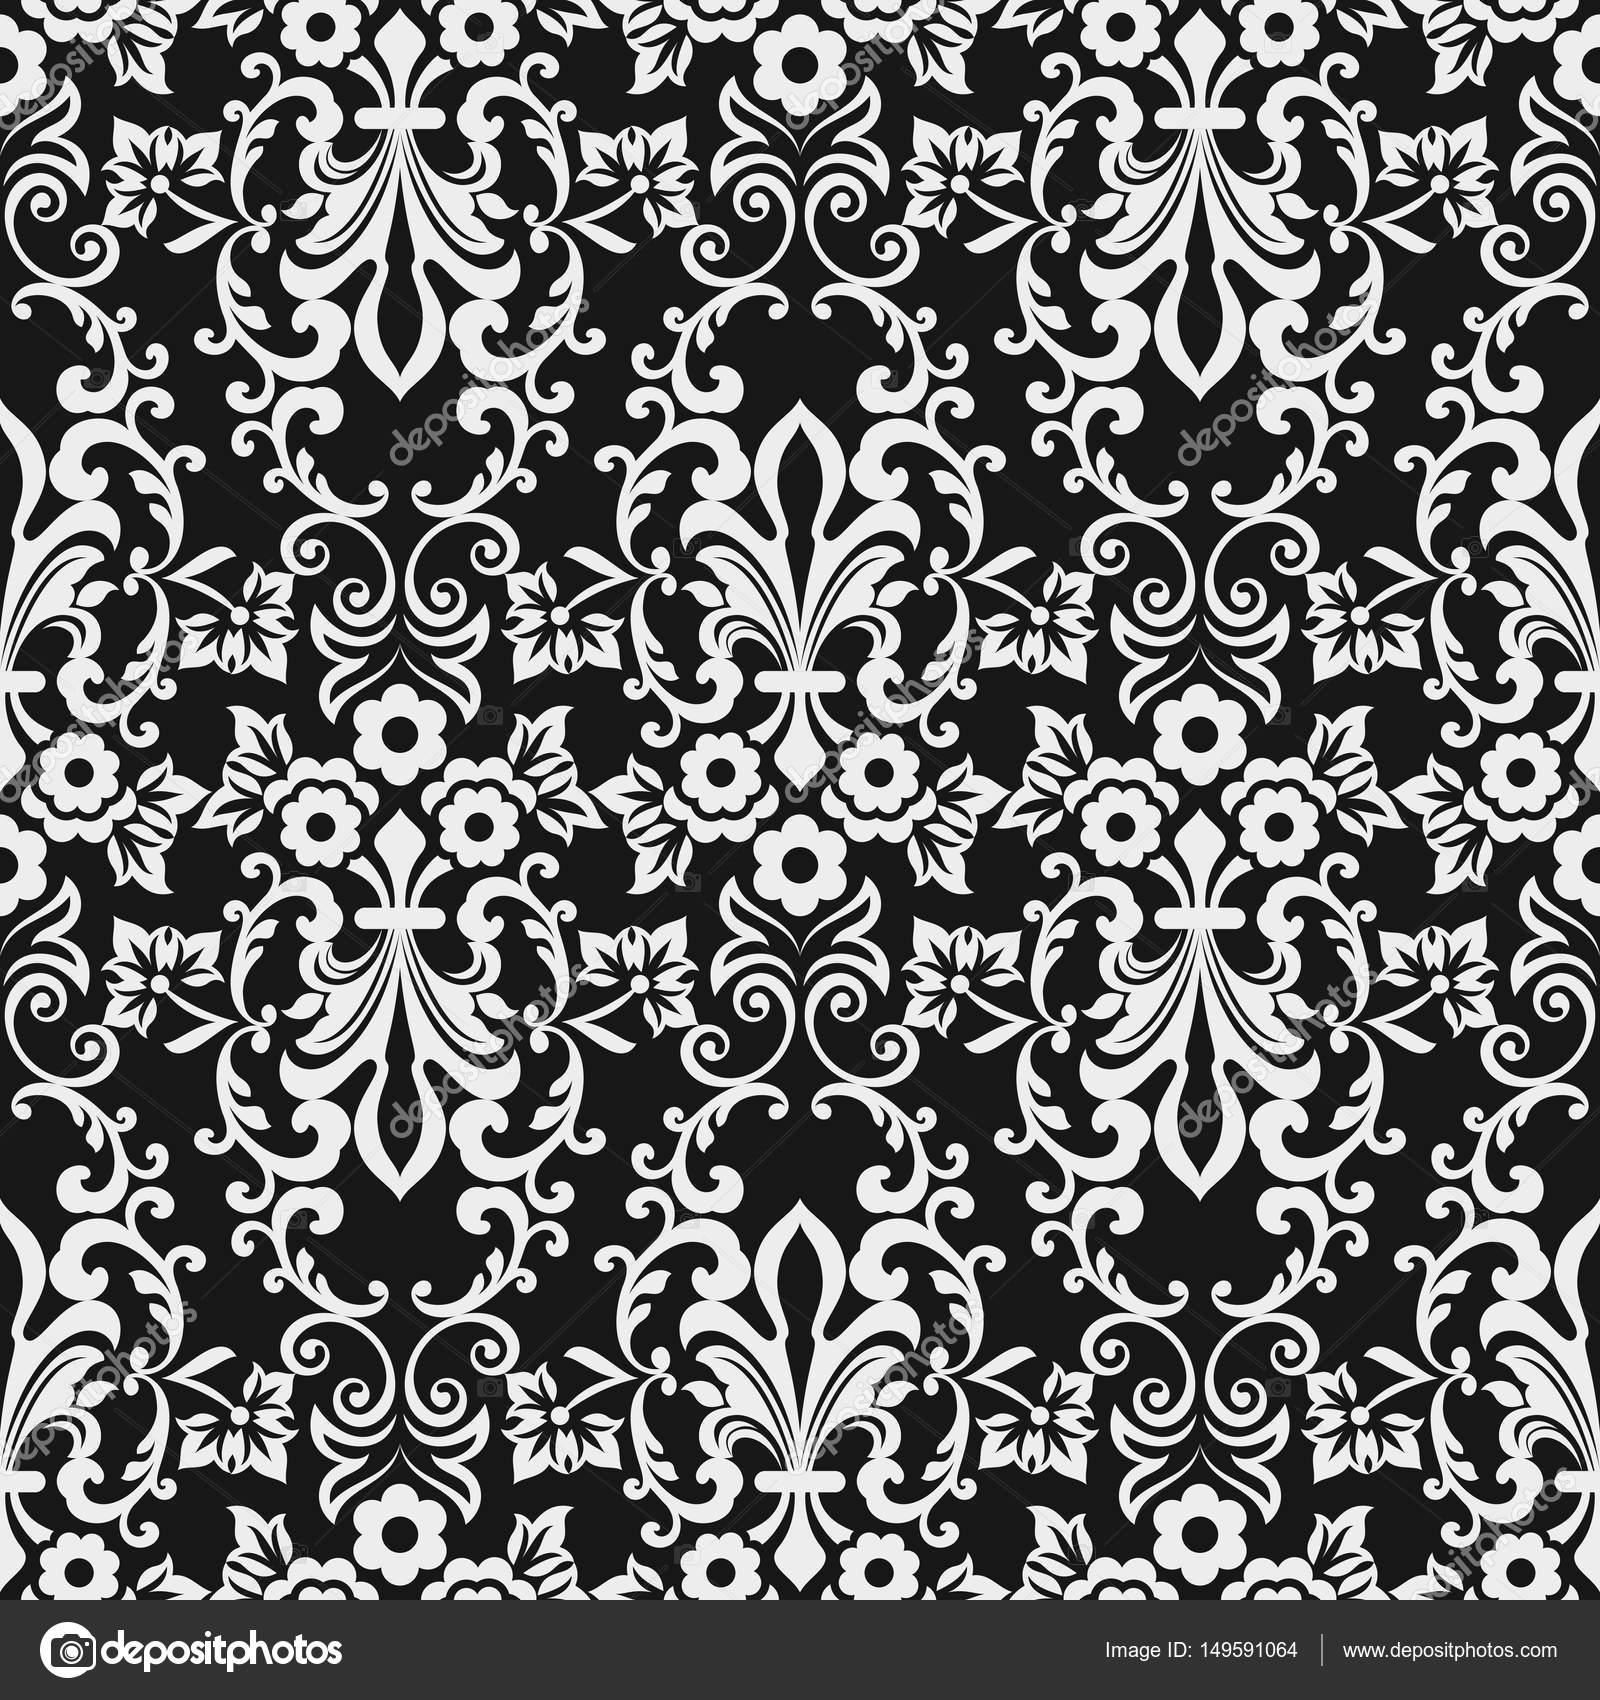 schwarzen und weien nahtlosen floral tapete muster stockvektor - Tapete Muster